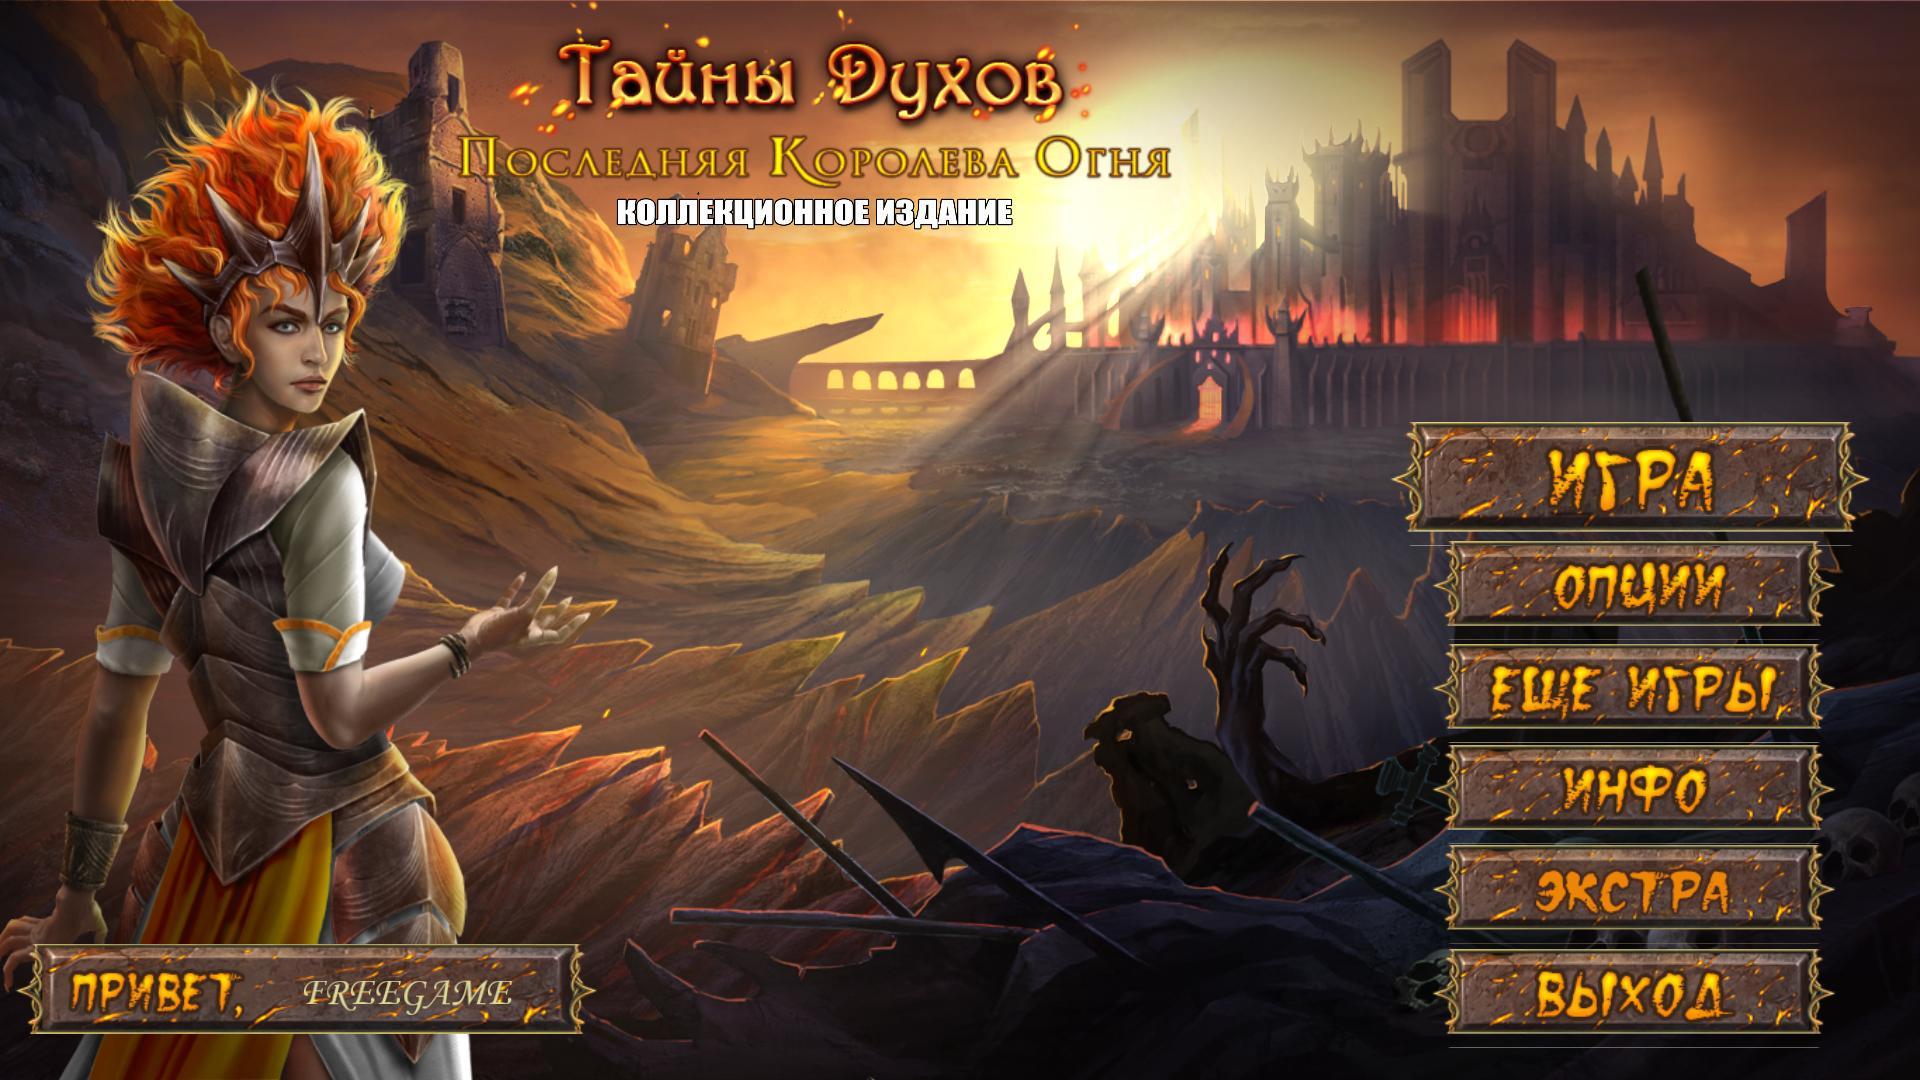 Тайны Духов 10: Последняя Королева Огня. Коллекционное издание   Spirits of Mystery 10: The Last Fire Queen CE (Rus)